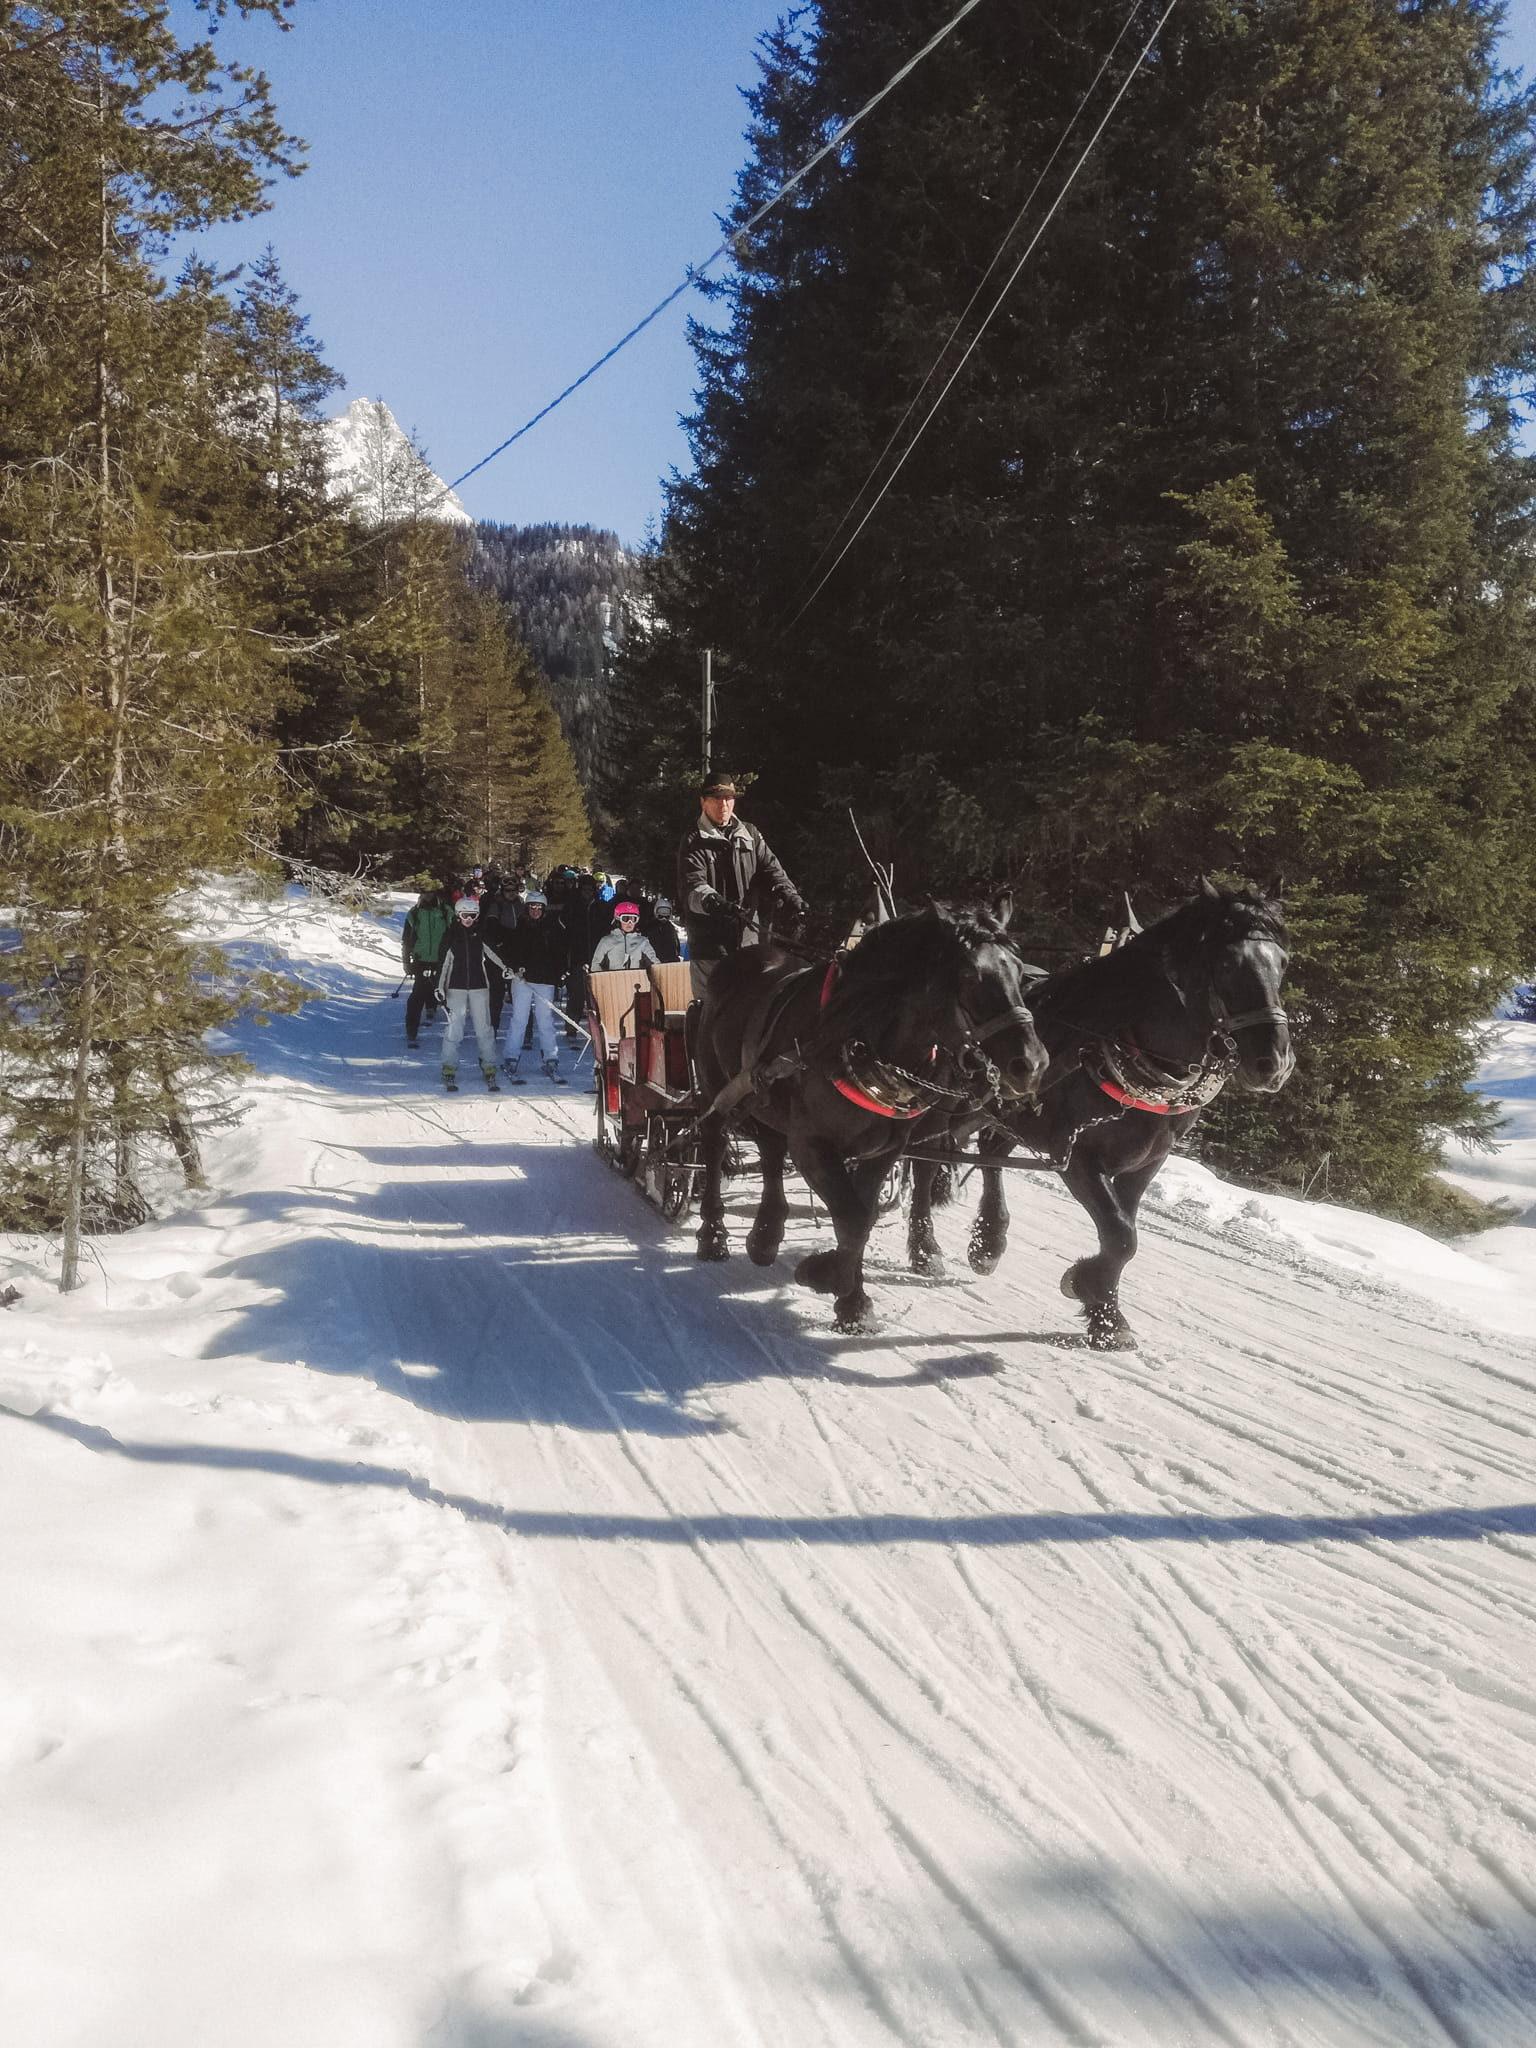 Slitta trainata dai cavalli Scotoni - San Cassiano